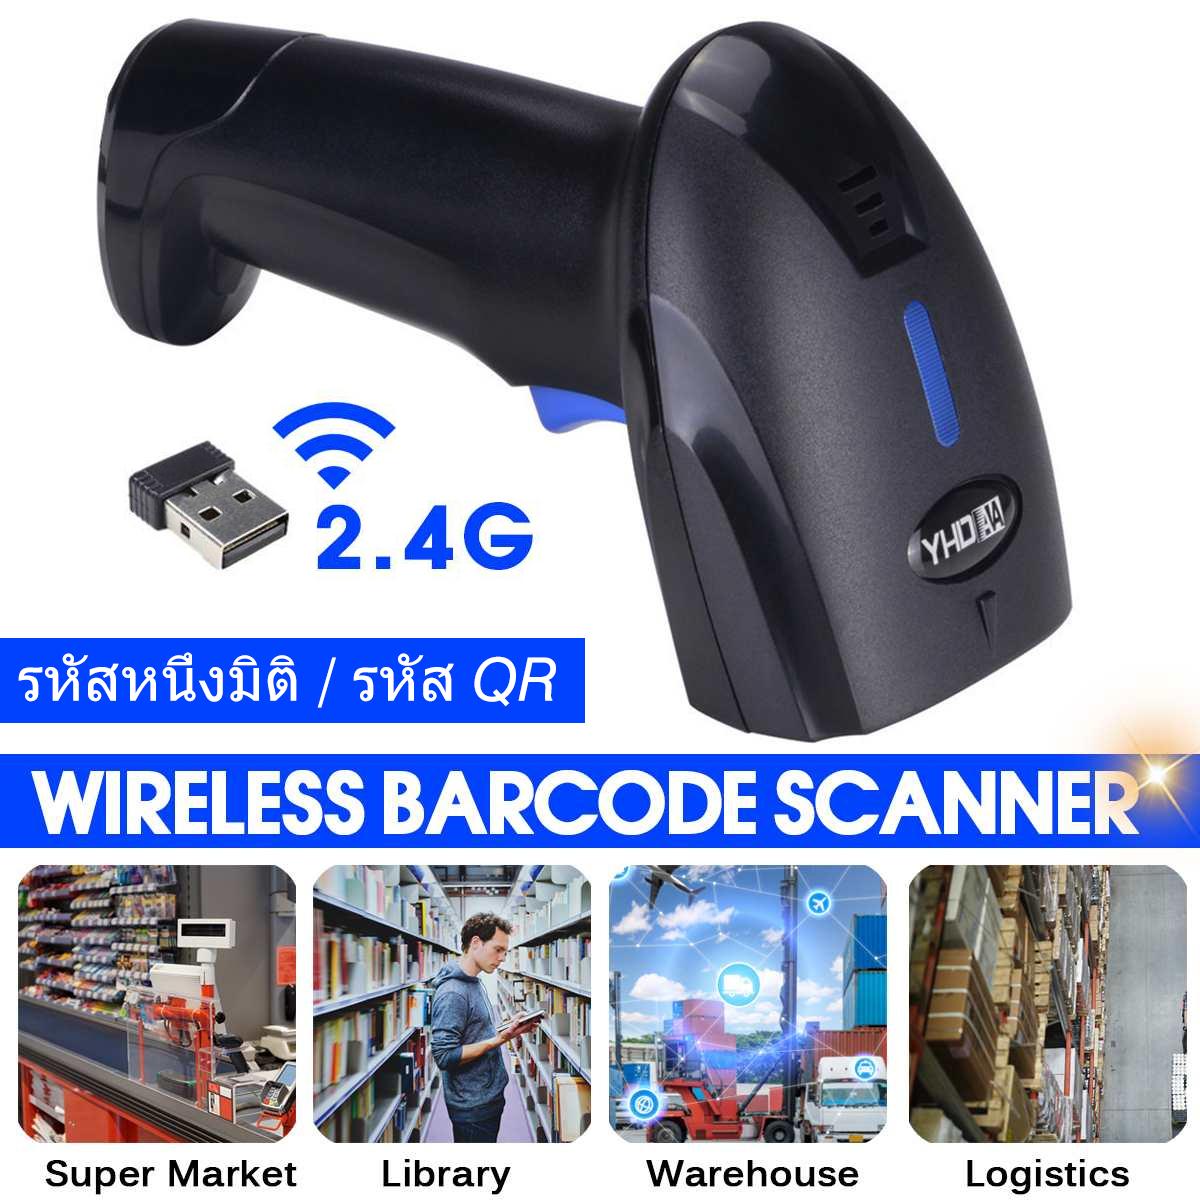 เครื่องสแกนบาร์โค้ดไร้สาย Wireless Barcode Scanner Handhold เครื่องสแกนบาร์โค้ด เครื่องอ่านบาร์โค้ด ตัวอ่านบาร์โค้ด Barcode รองรับการสแกนรหัส Qrscanner.